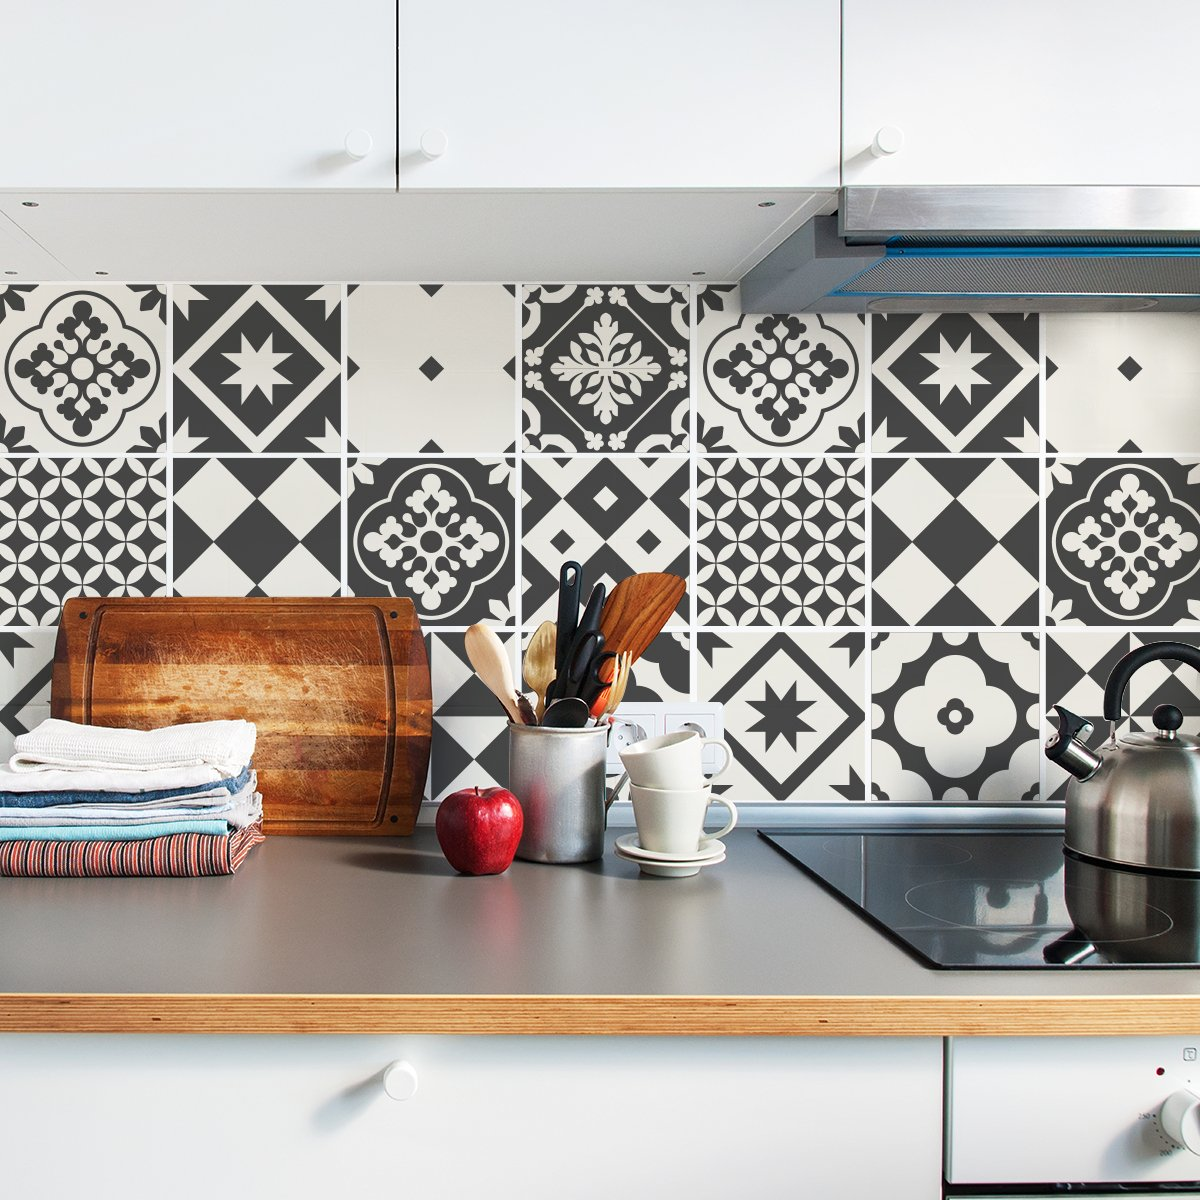 Sirface géométrique Échelle de Gris Tile Stickers–Ensemble de Stickers pour carrelage pour Cuisine et Salle de Bain–Lot DE 24–Différentes Tailles Disponibles, 4x4 inches   10x10 cm